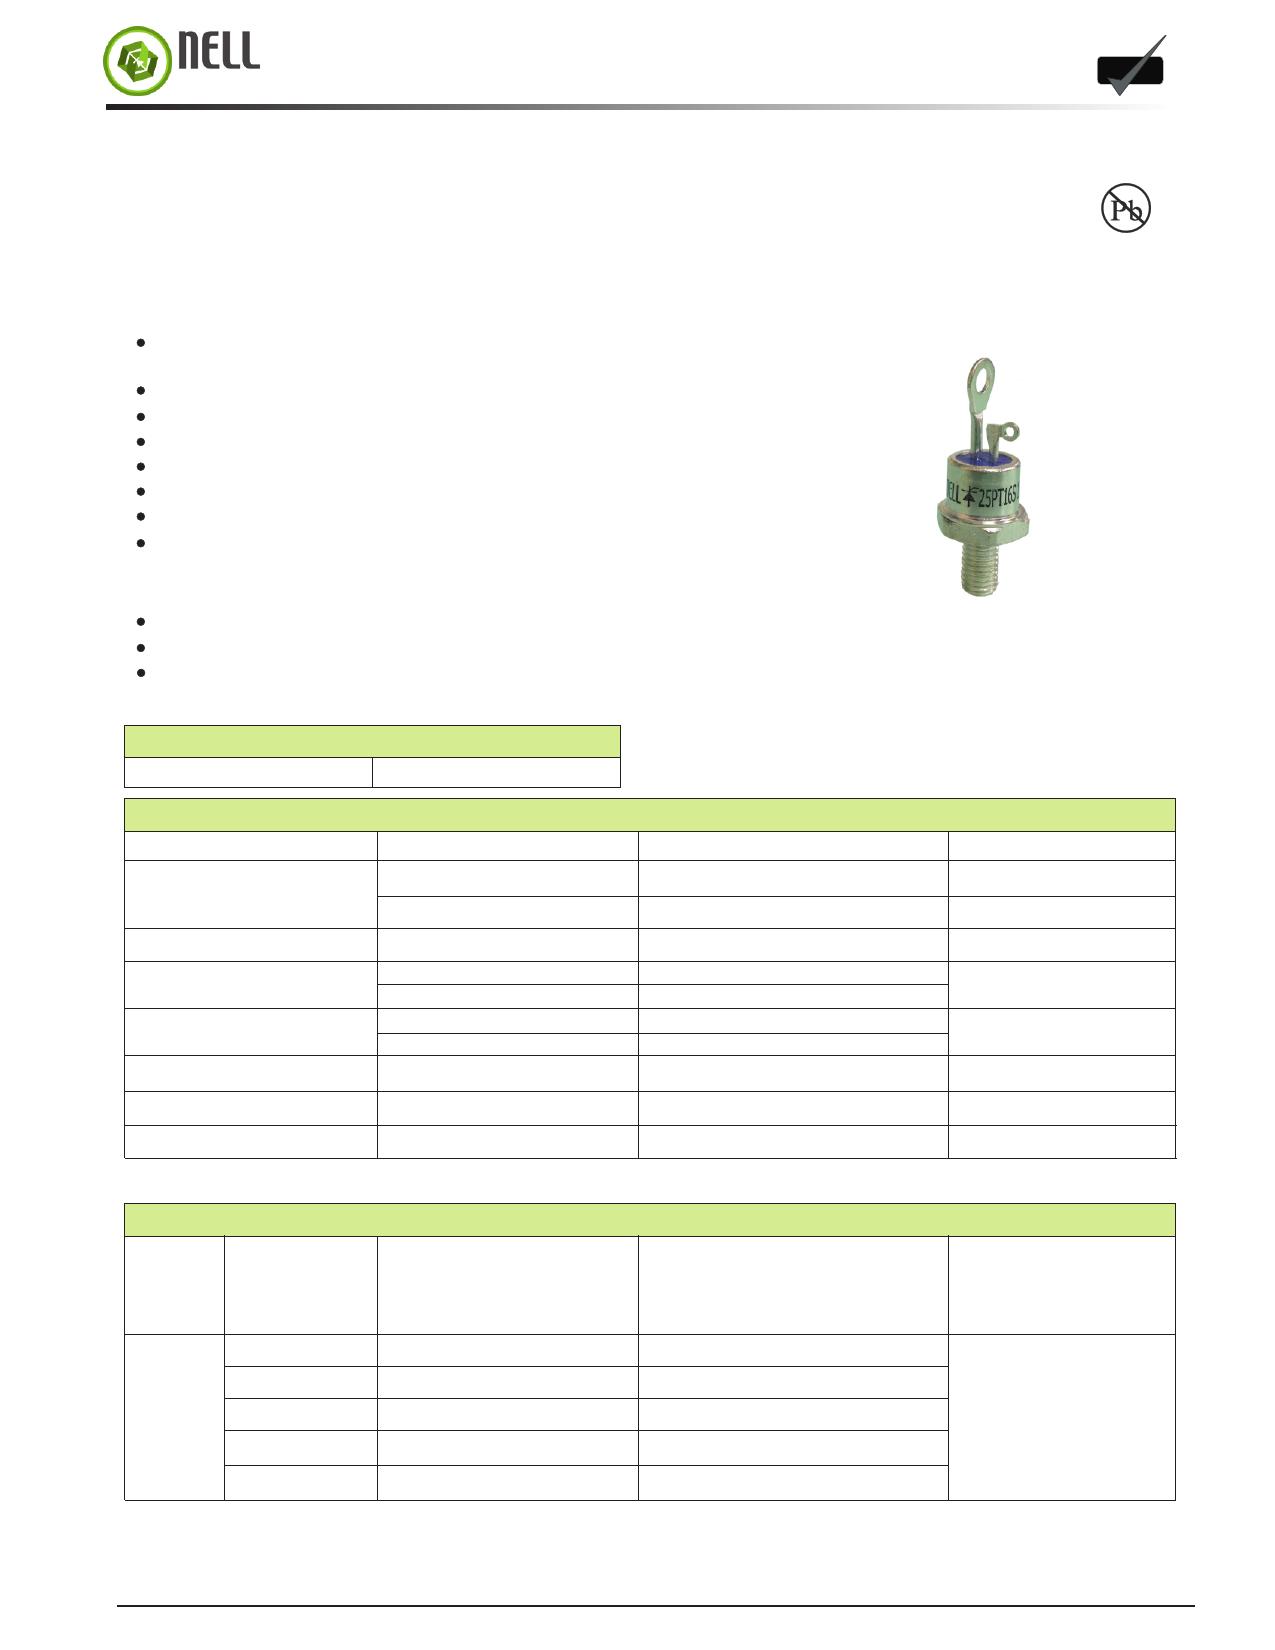 25PTS Datasheet